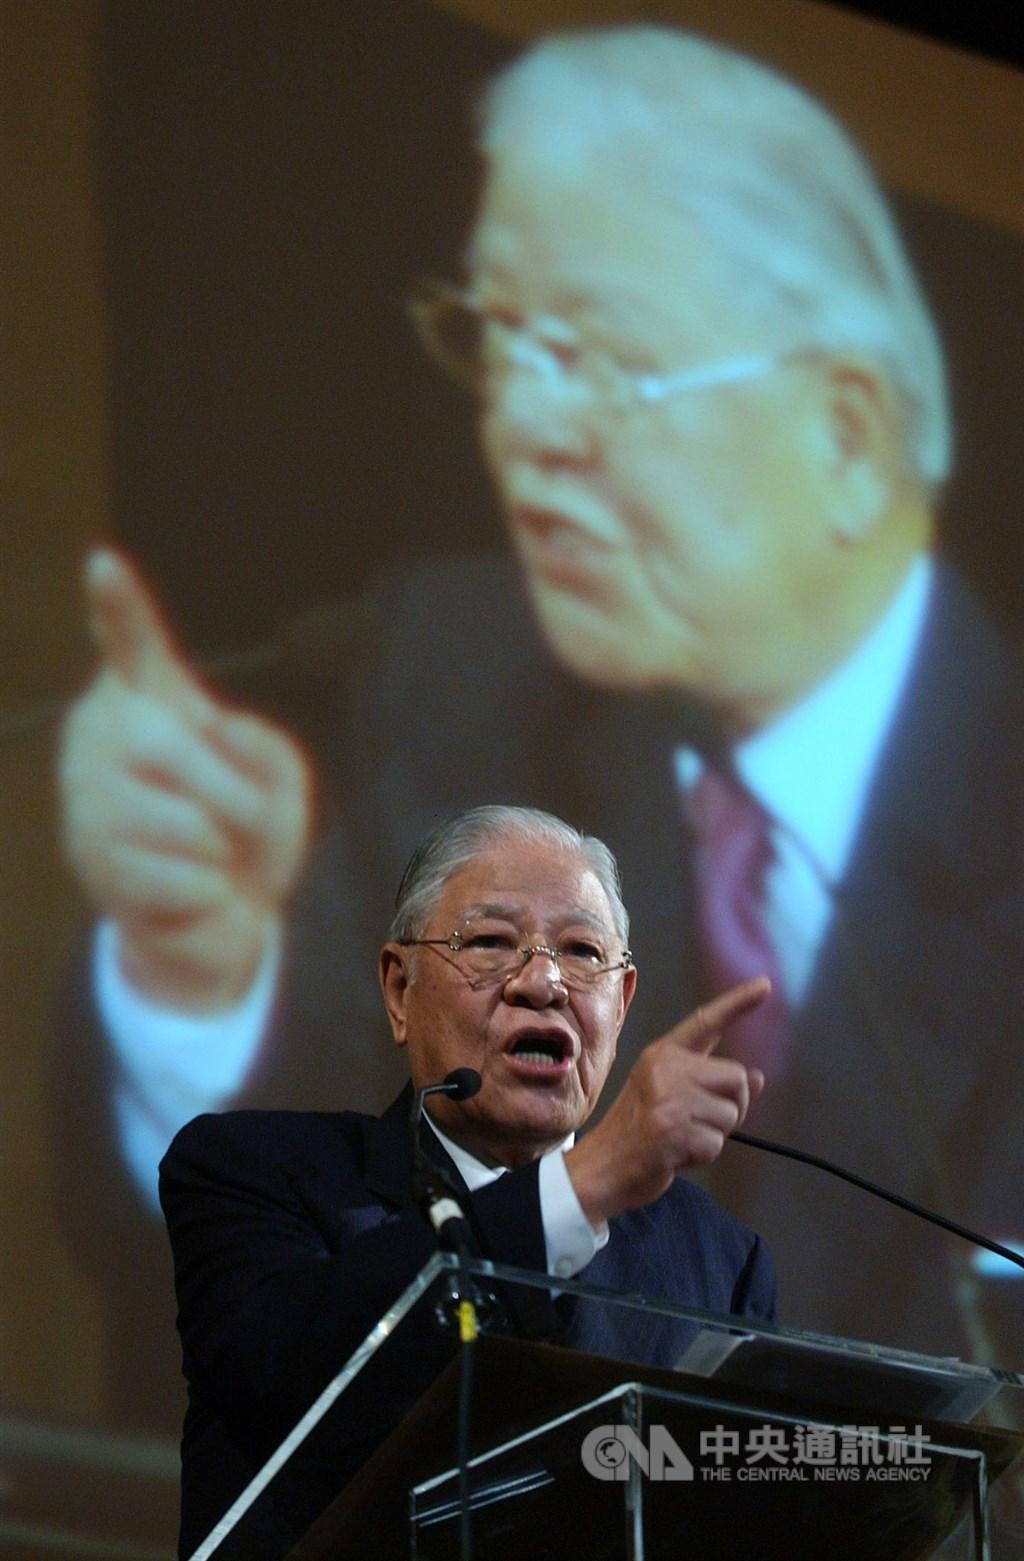 前總統李登輝辭世,日本主流媒體大幅報導,肯定李登輝是台灣的民主之父。有社論指出,日本政府應敘勳,並派重要人士到台灣參加李登輝喪禮。(中央社檔案照片)